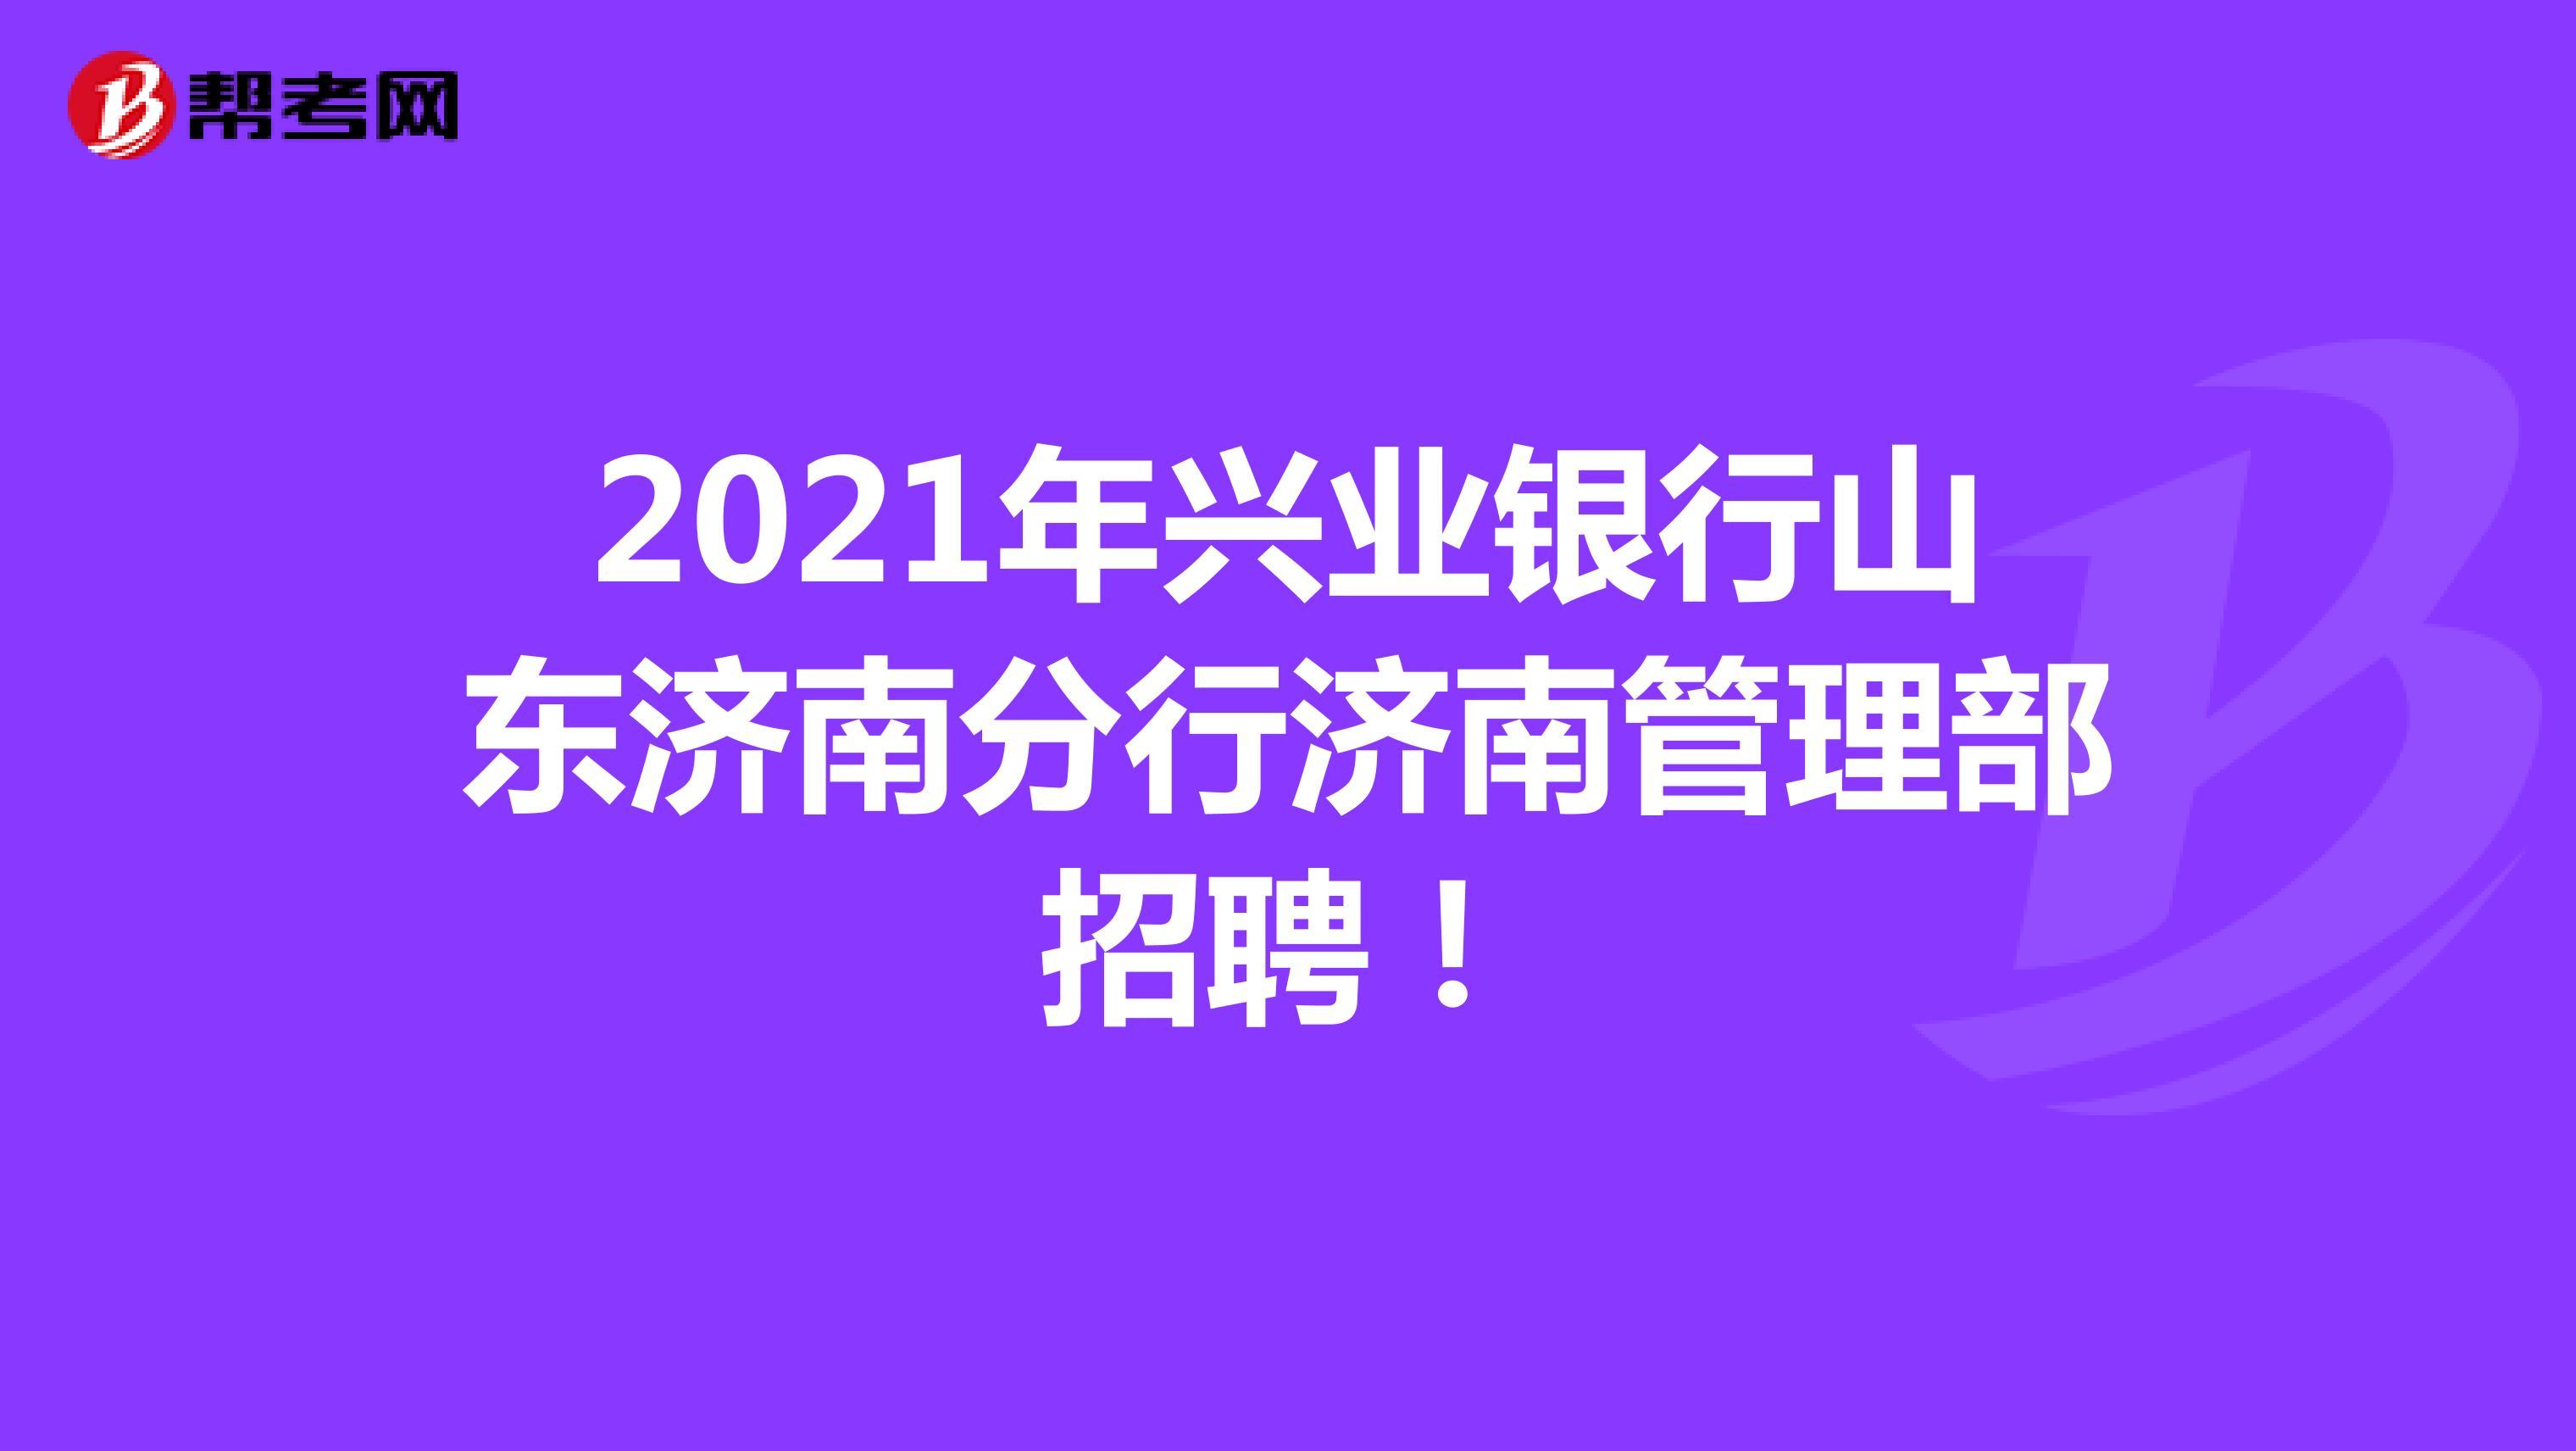 2021年興業銀行山東濟南分行濟南管理部招聘!